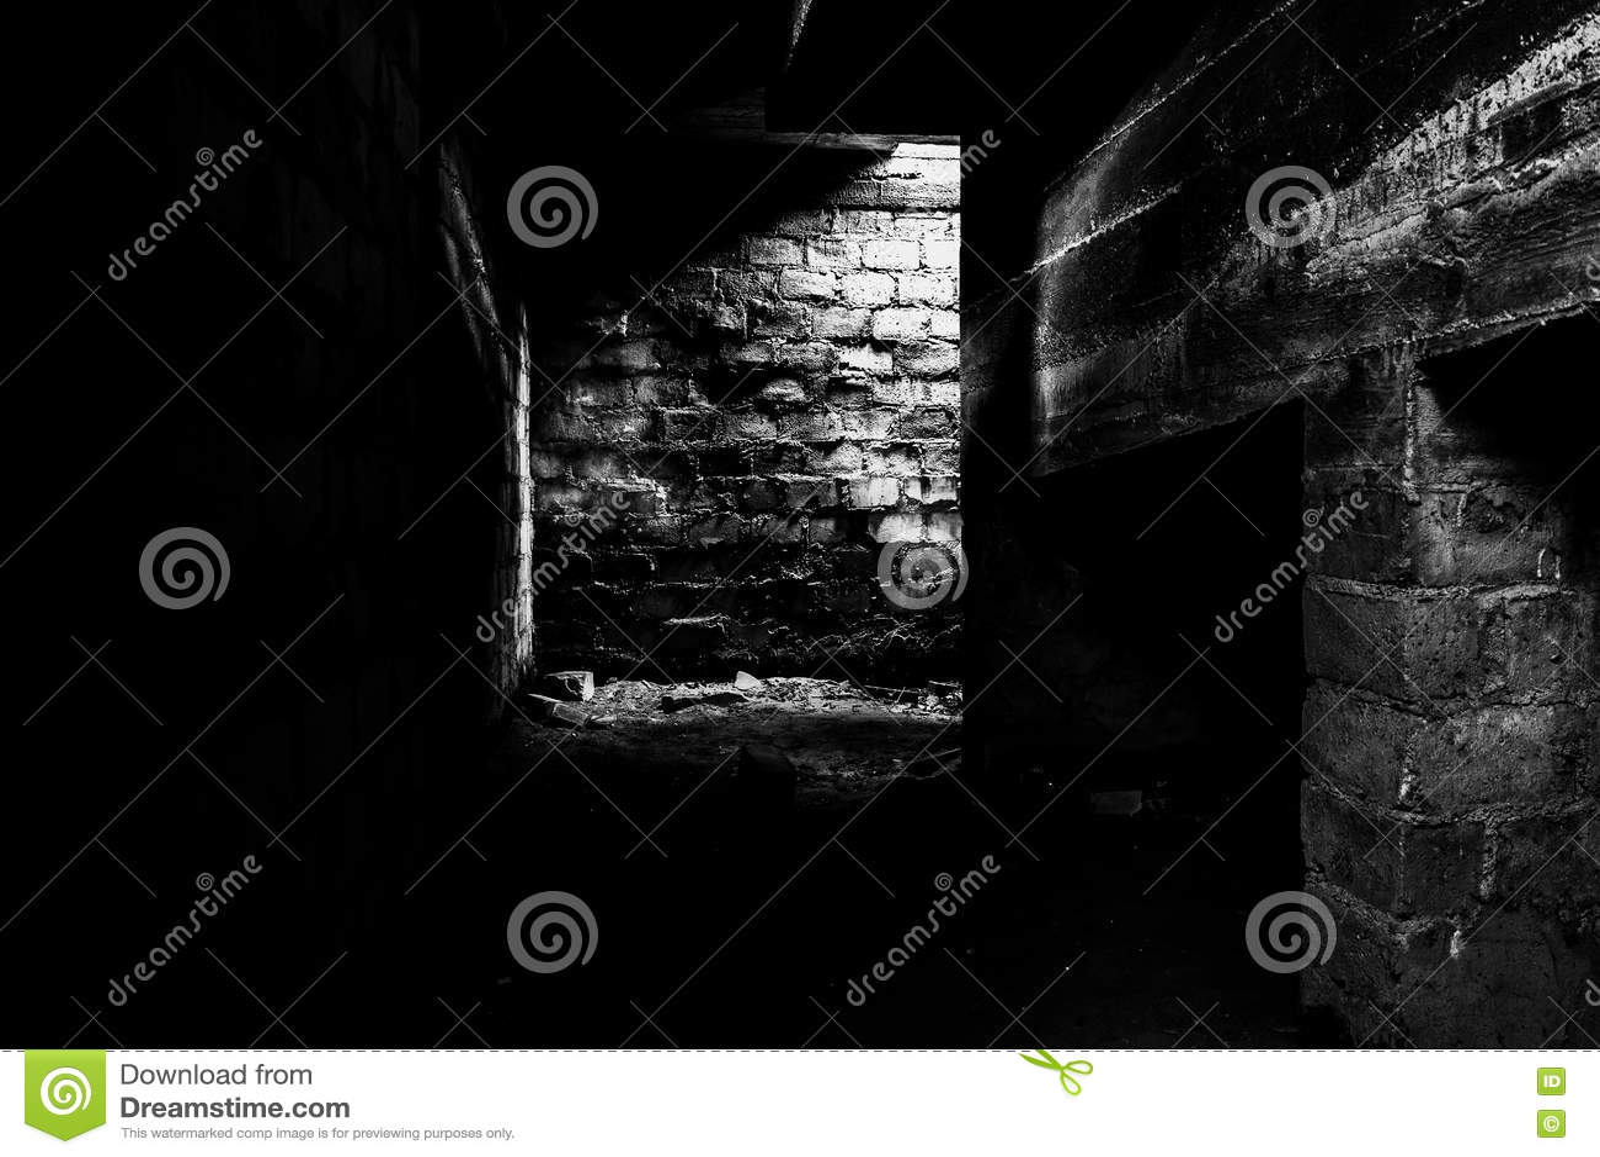 dunkler keller stockfoto bild von w nde leben unbekannt 77358604. Black Bedroom Furniture Sets. Home Design Ideas